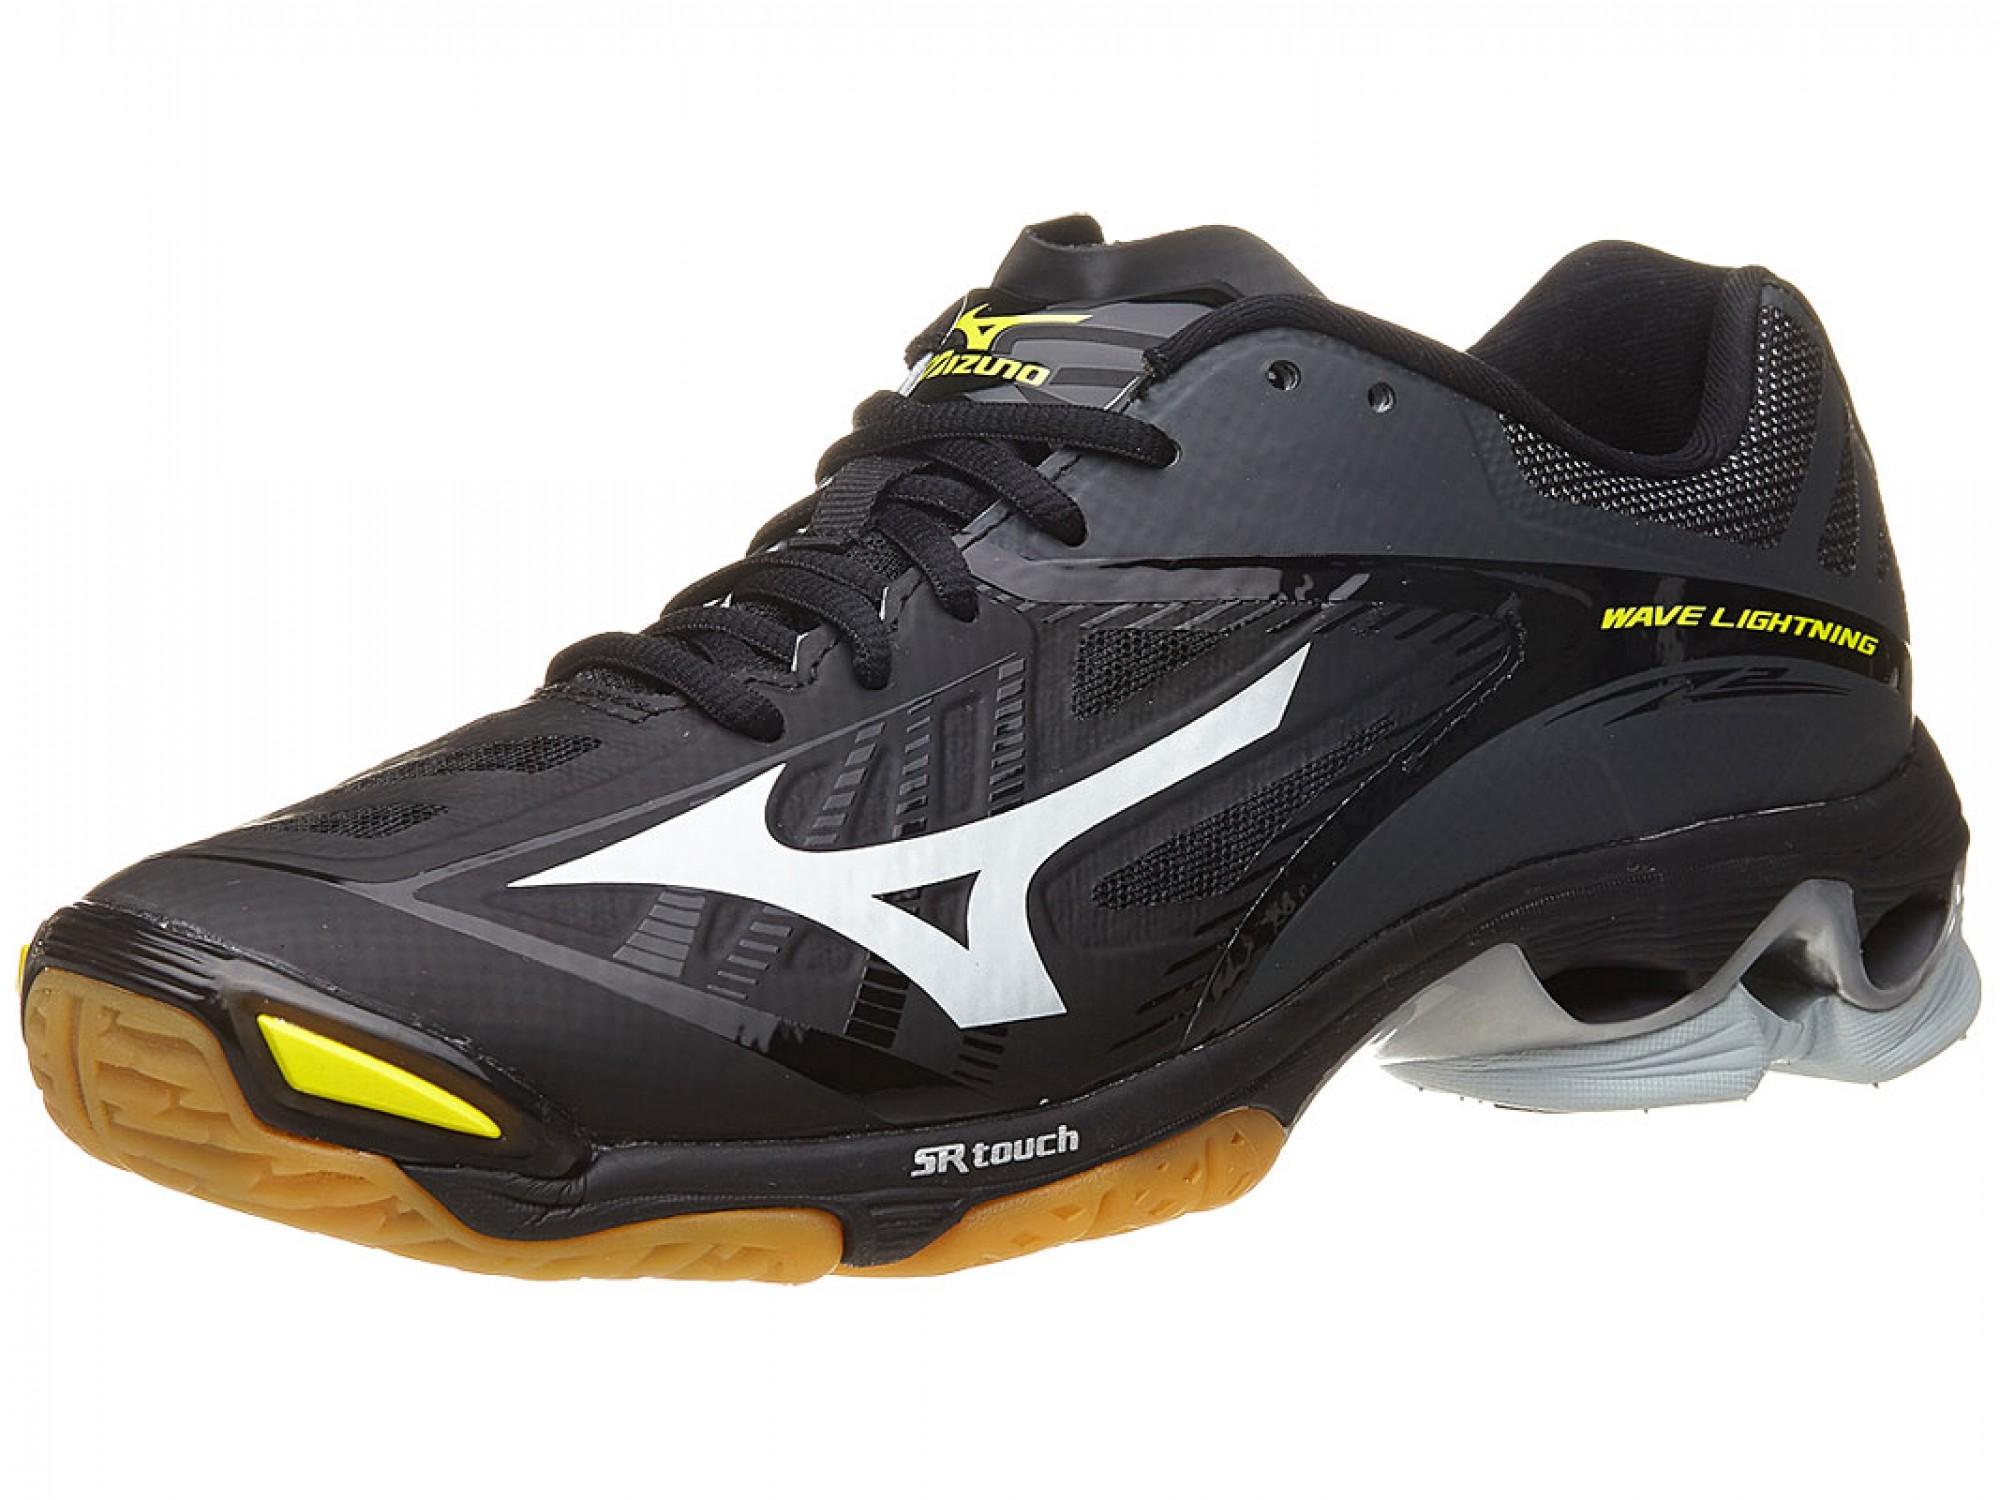 Mizuno Wave Lightning Z2 Волейбольные кроссовки V1GB1600-03 купить в ... bd8293ffbff